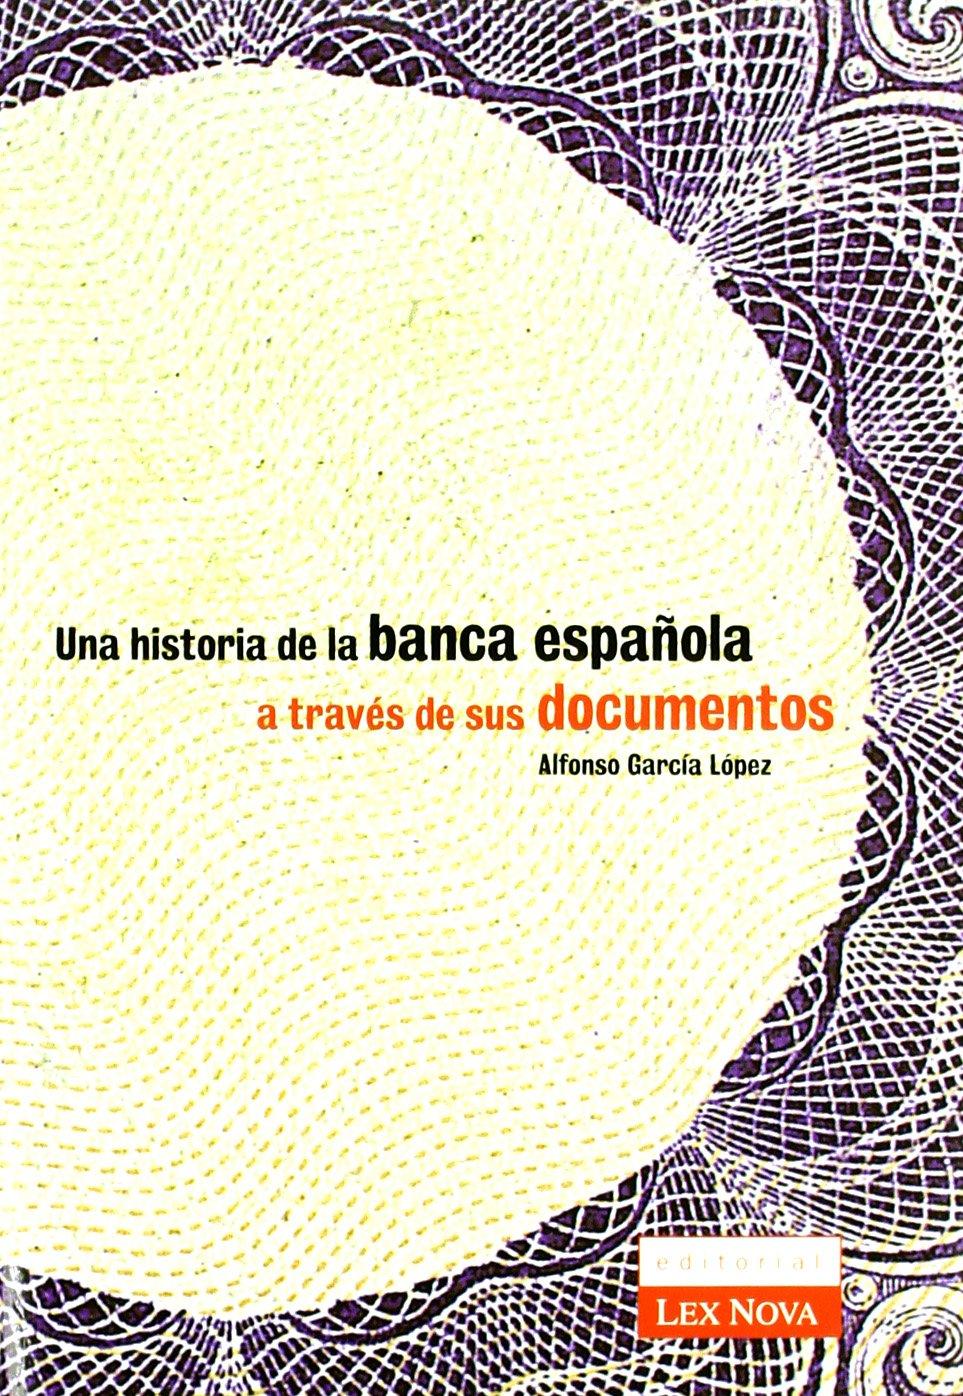 Historia de la banca española a través de sus documentos, Una Monografía: Amazon.es: Garcia Lopez, Alfonso, Lex Nova: Libros